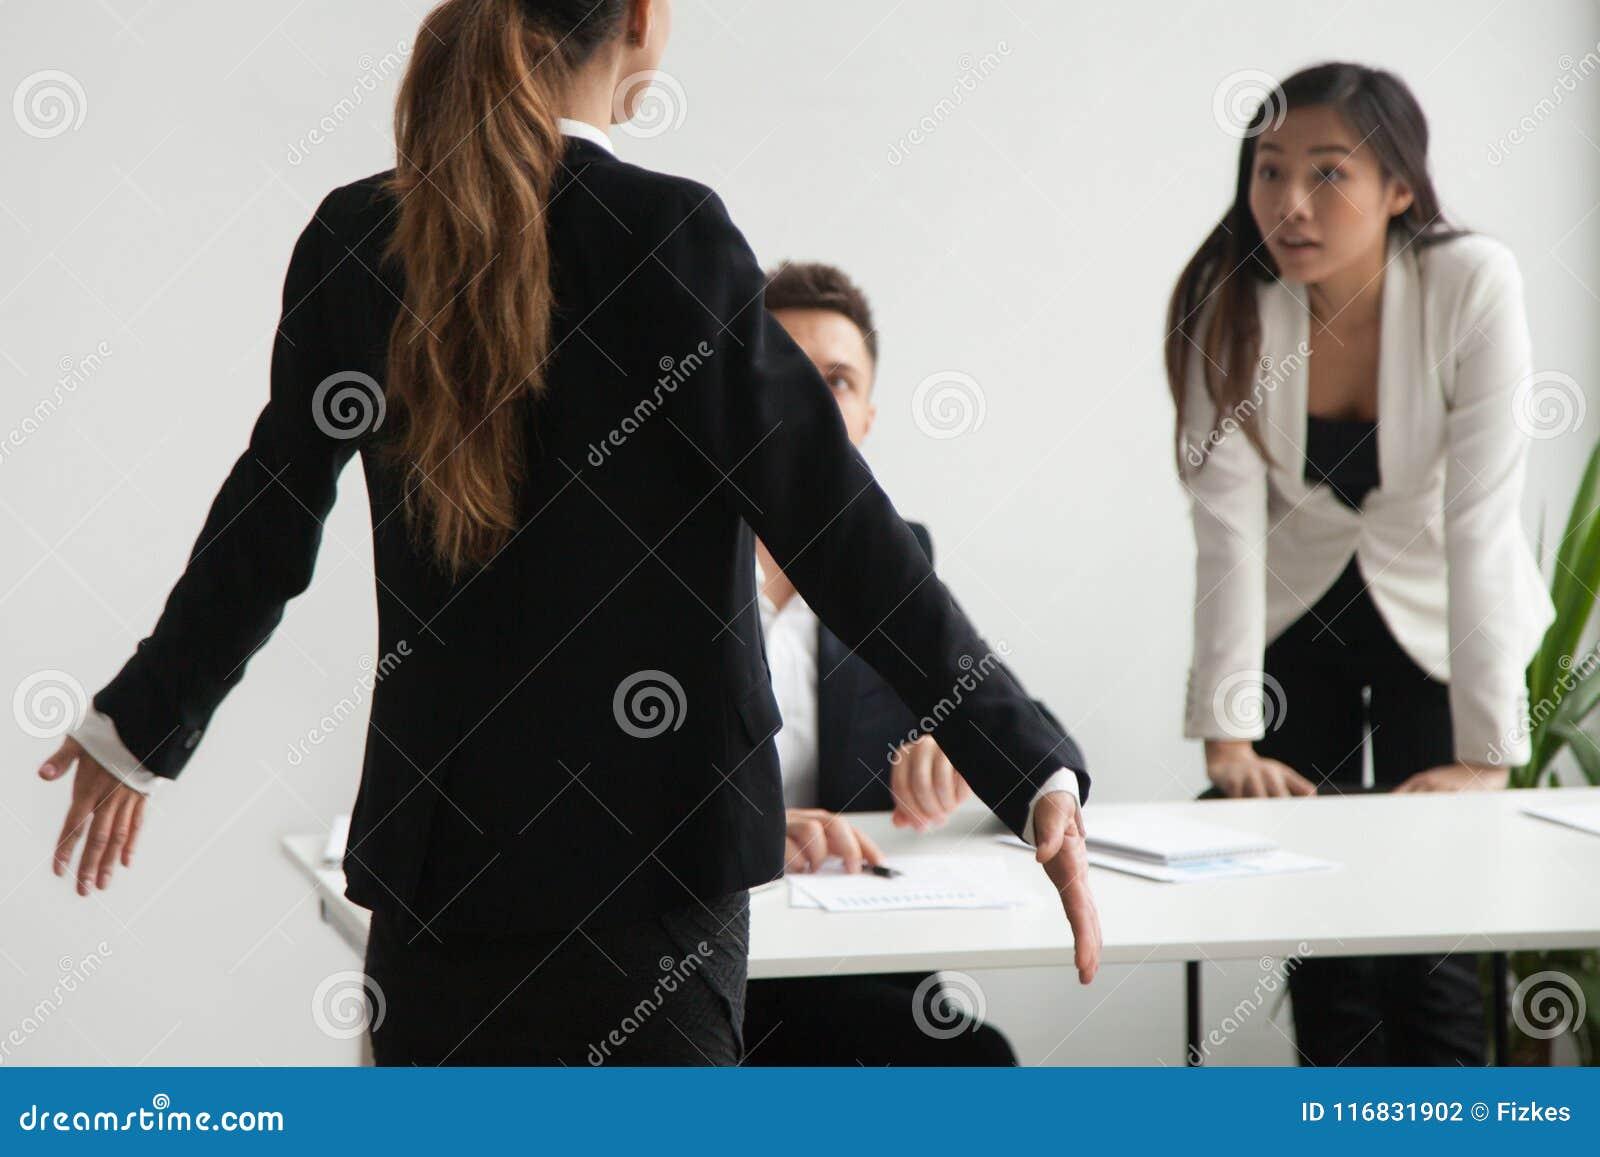 Trabalhador fêmea responsabilizado por colegas na falha de negócio